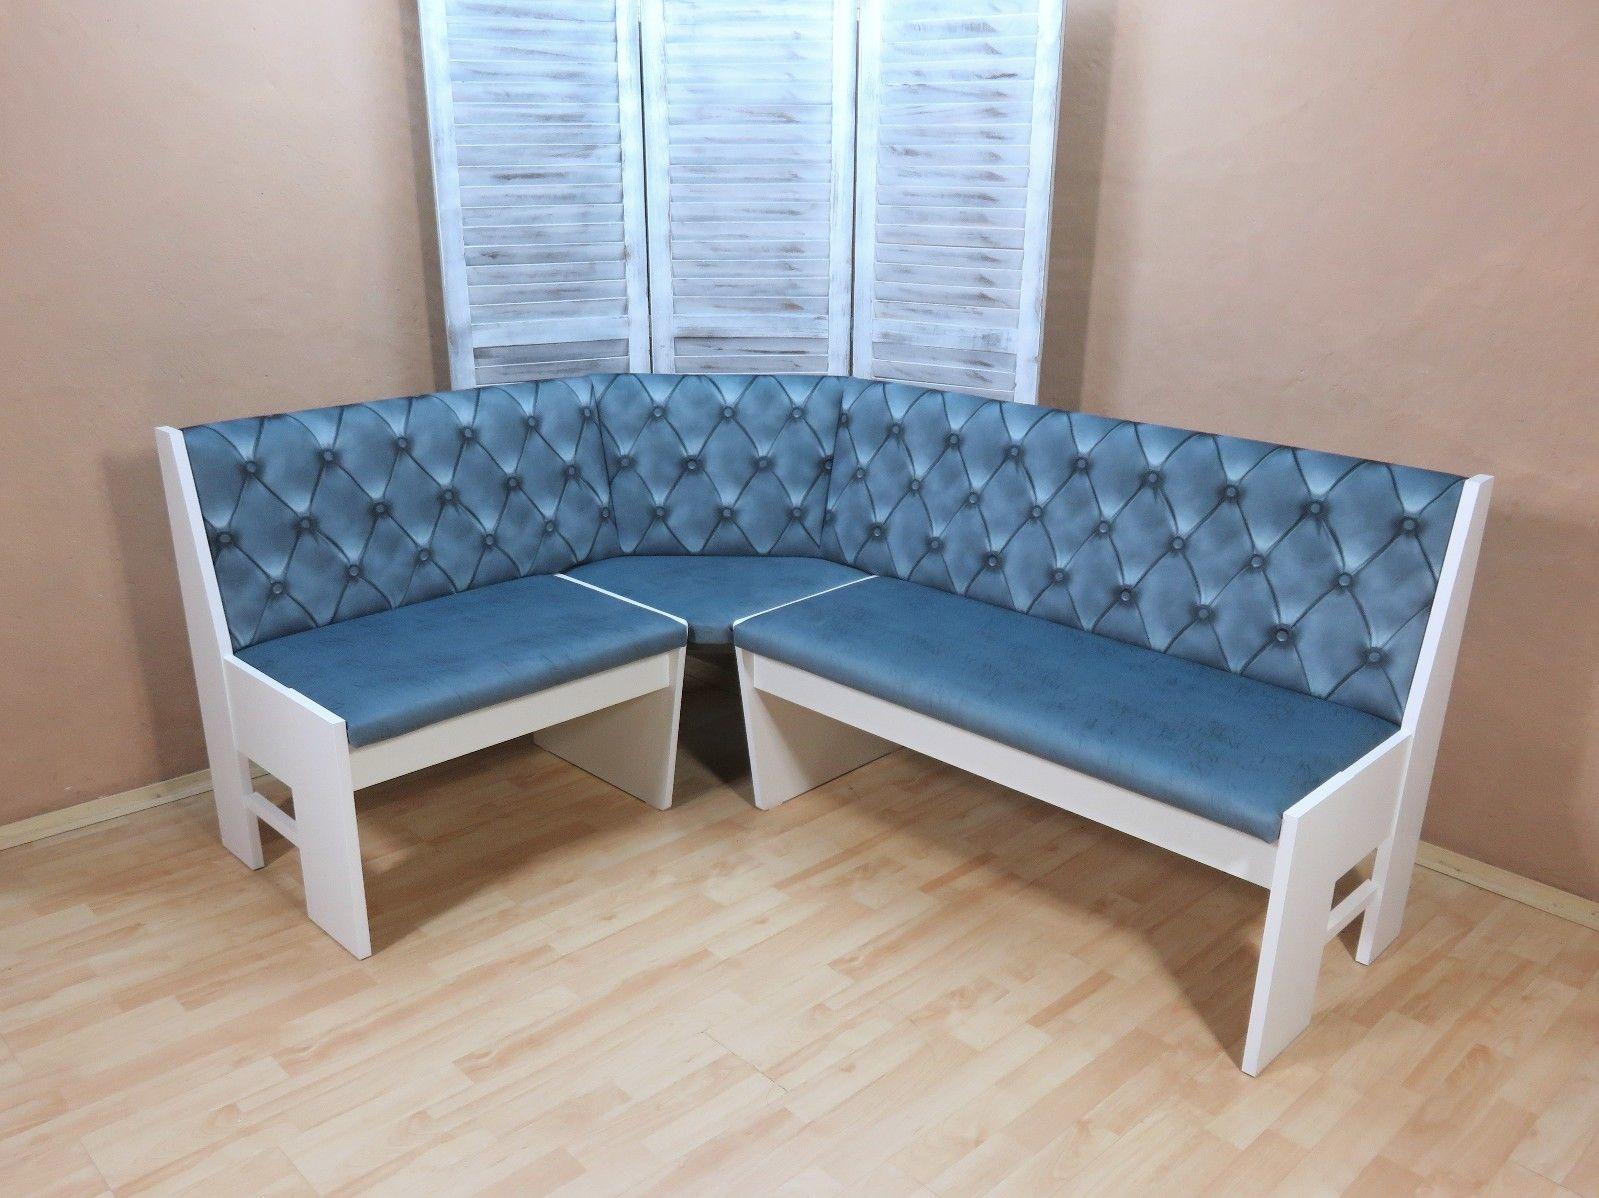 kchenbank mit stauraum best polsterbank mit stauraum bank mit stauraum fabulous sitzplatz oder. Black Bedroom Furniture Sets. Home Design Ideas